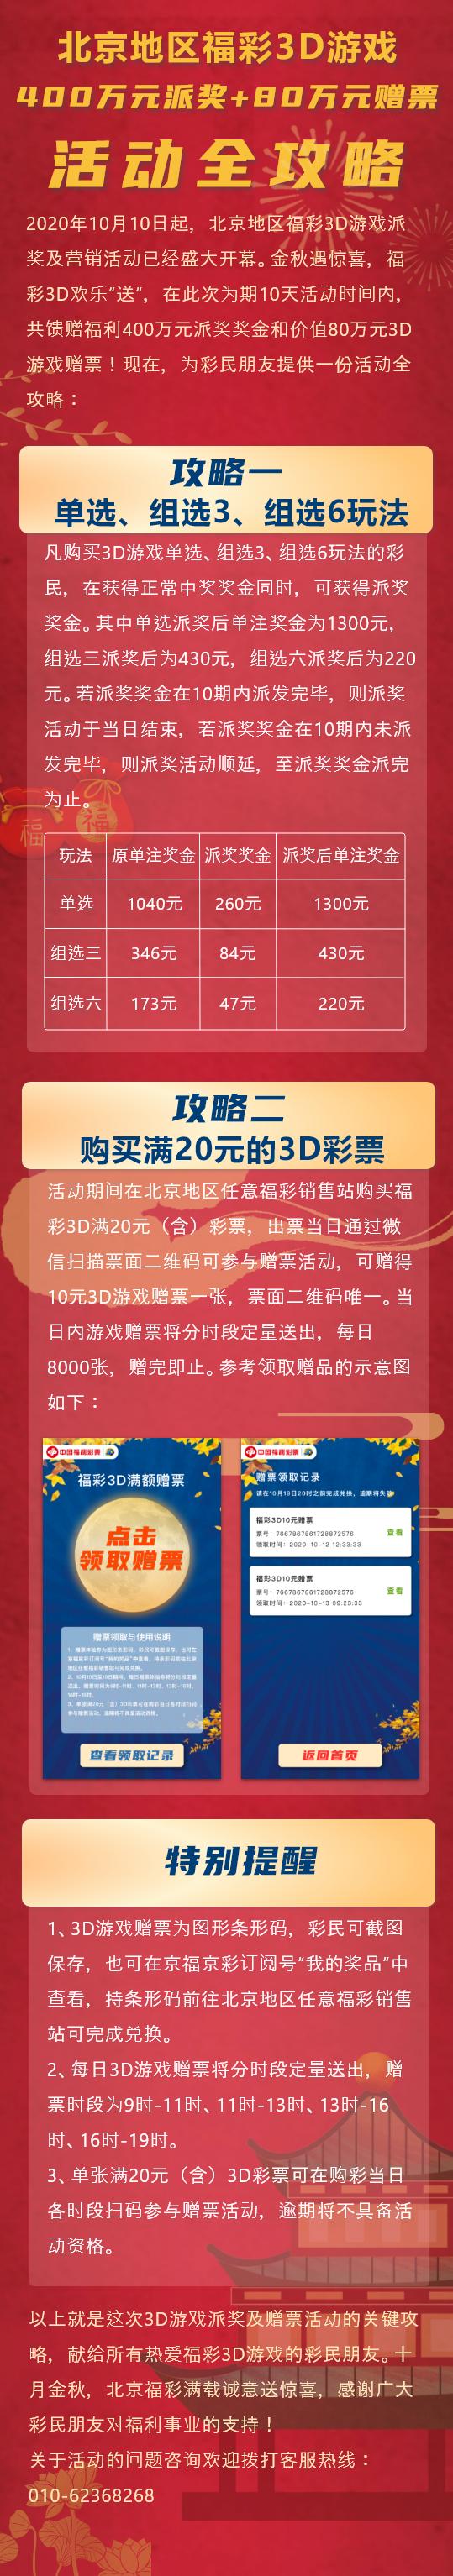 北京地区福彩3D游戏活动全攻略